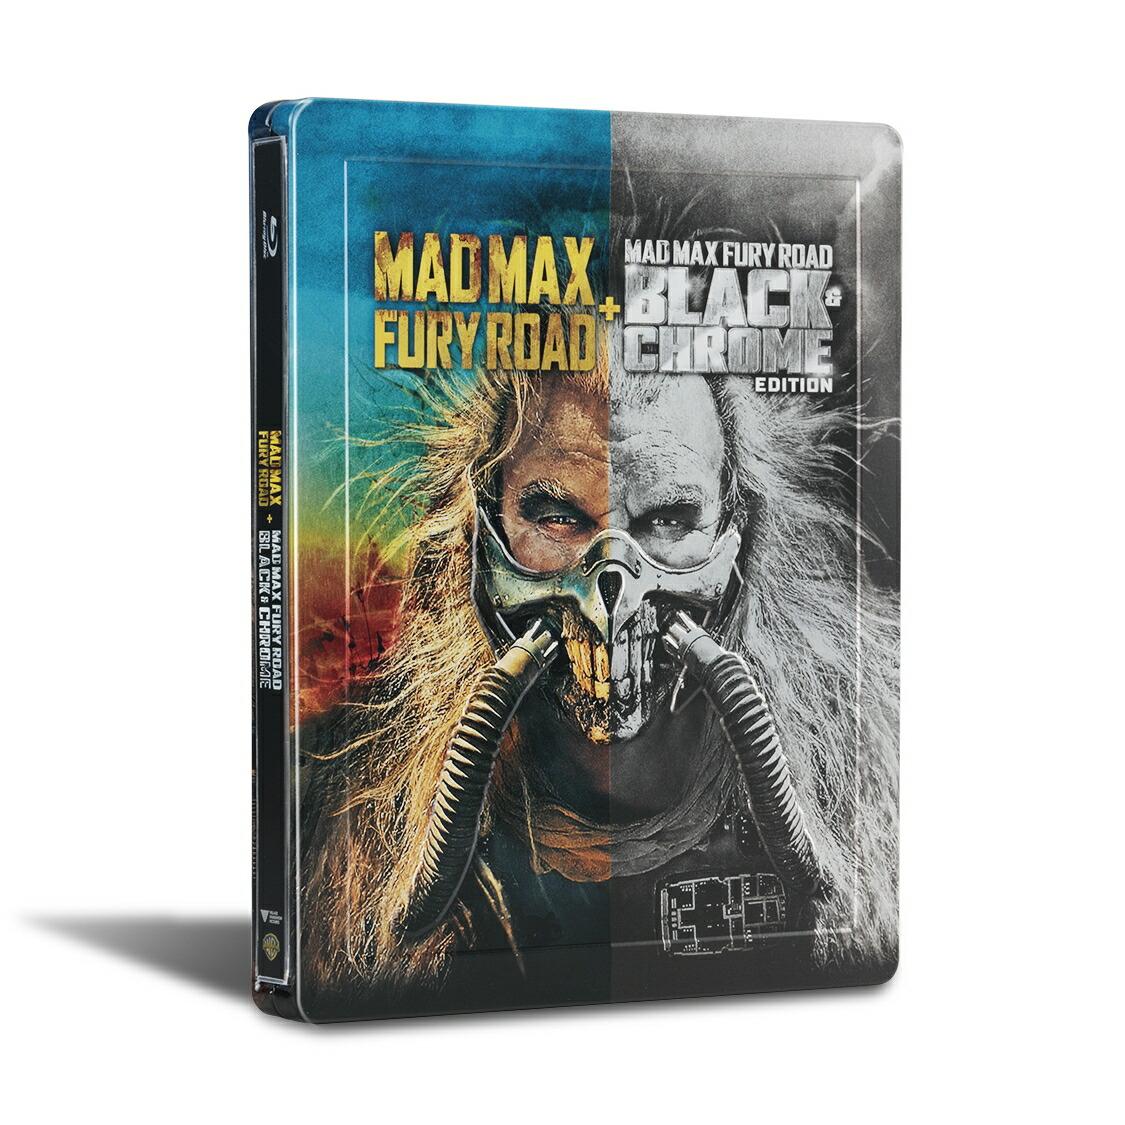 【数量限定生産】マッドマックス 怒りのデス・ロード<ブラック&クローム>エディション ブルーレイ スチールブック仕様[1000701743][Blu-ray/ブルーレイ] 製品画像